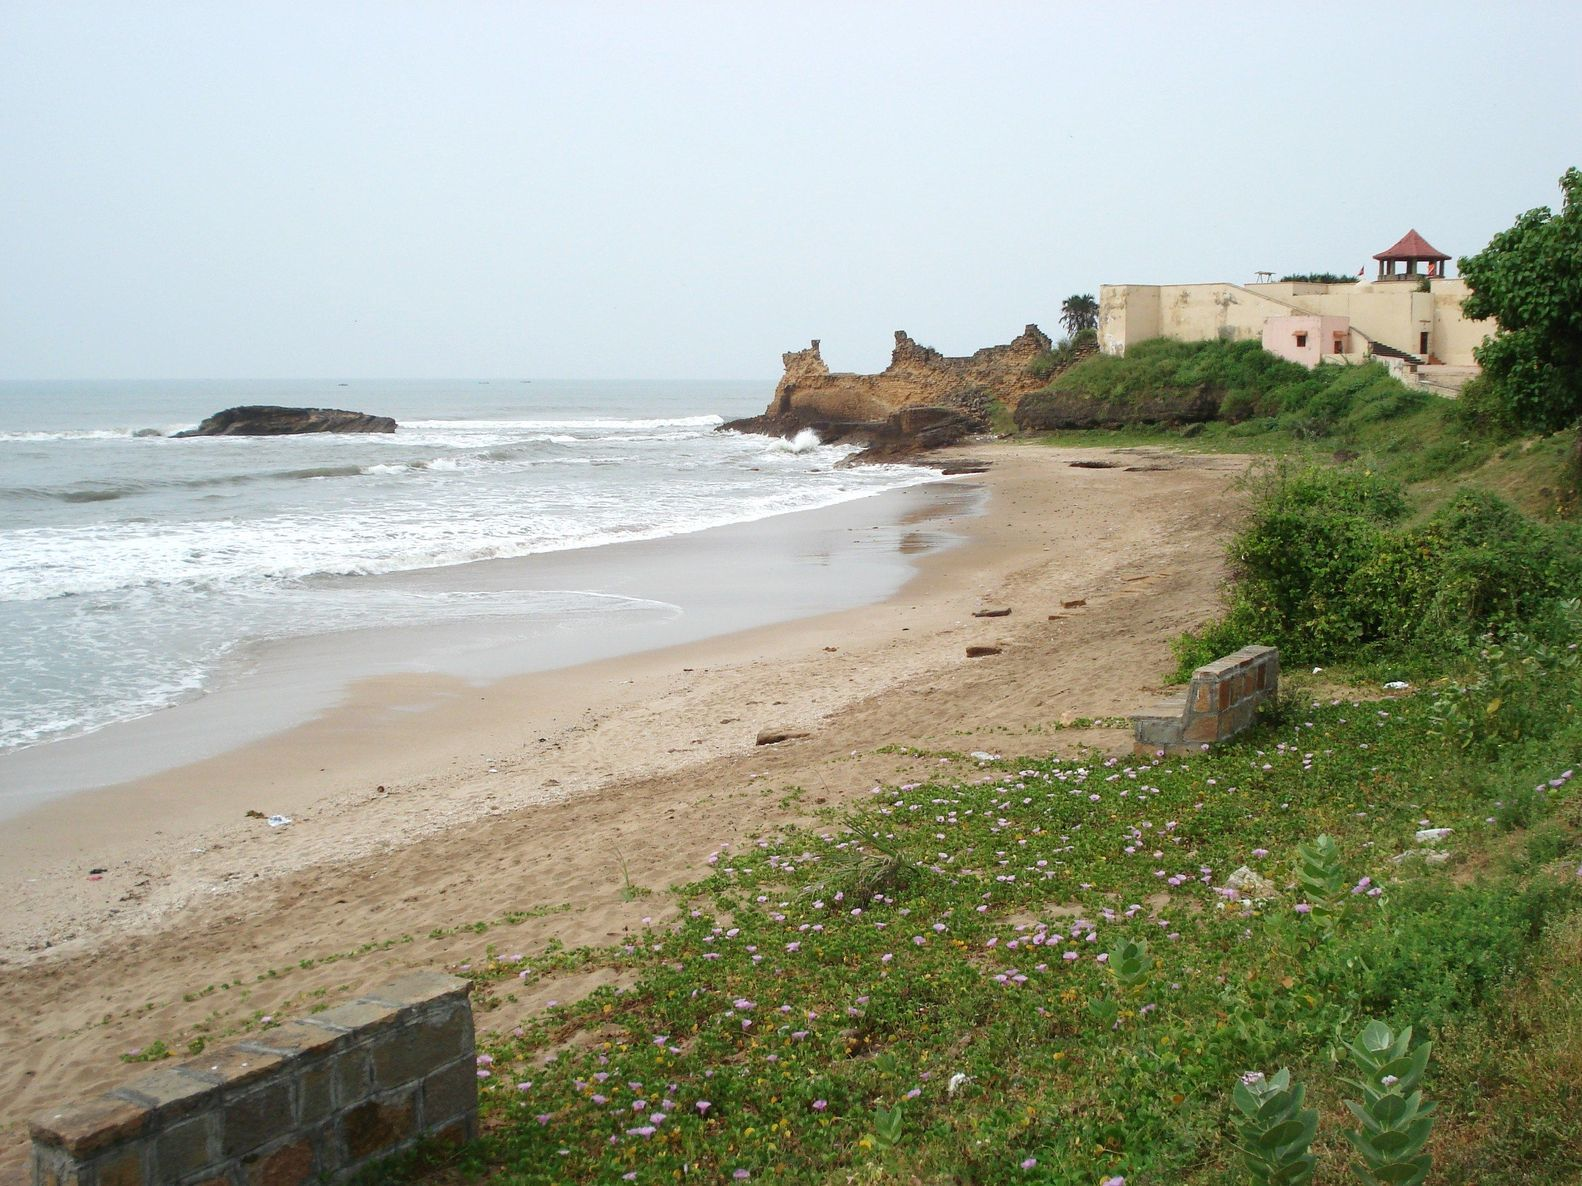 Pobřeží v oblasti Daman a Diu v Indii | sajukris/123RF.com